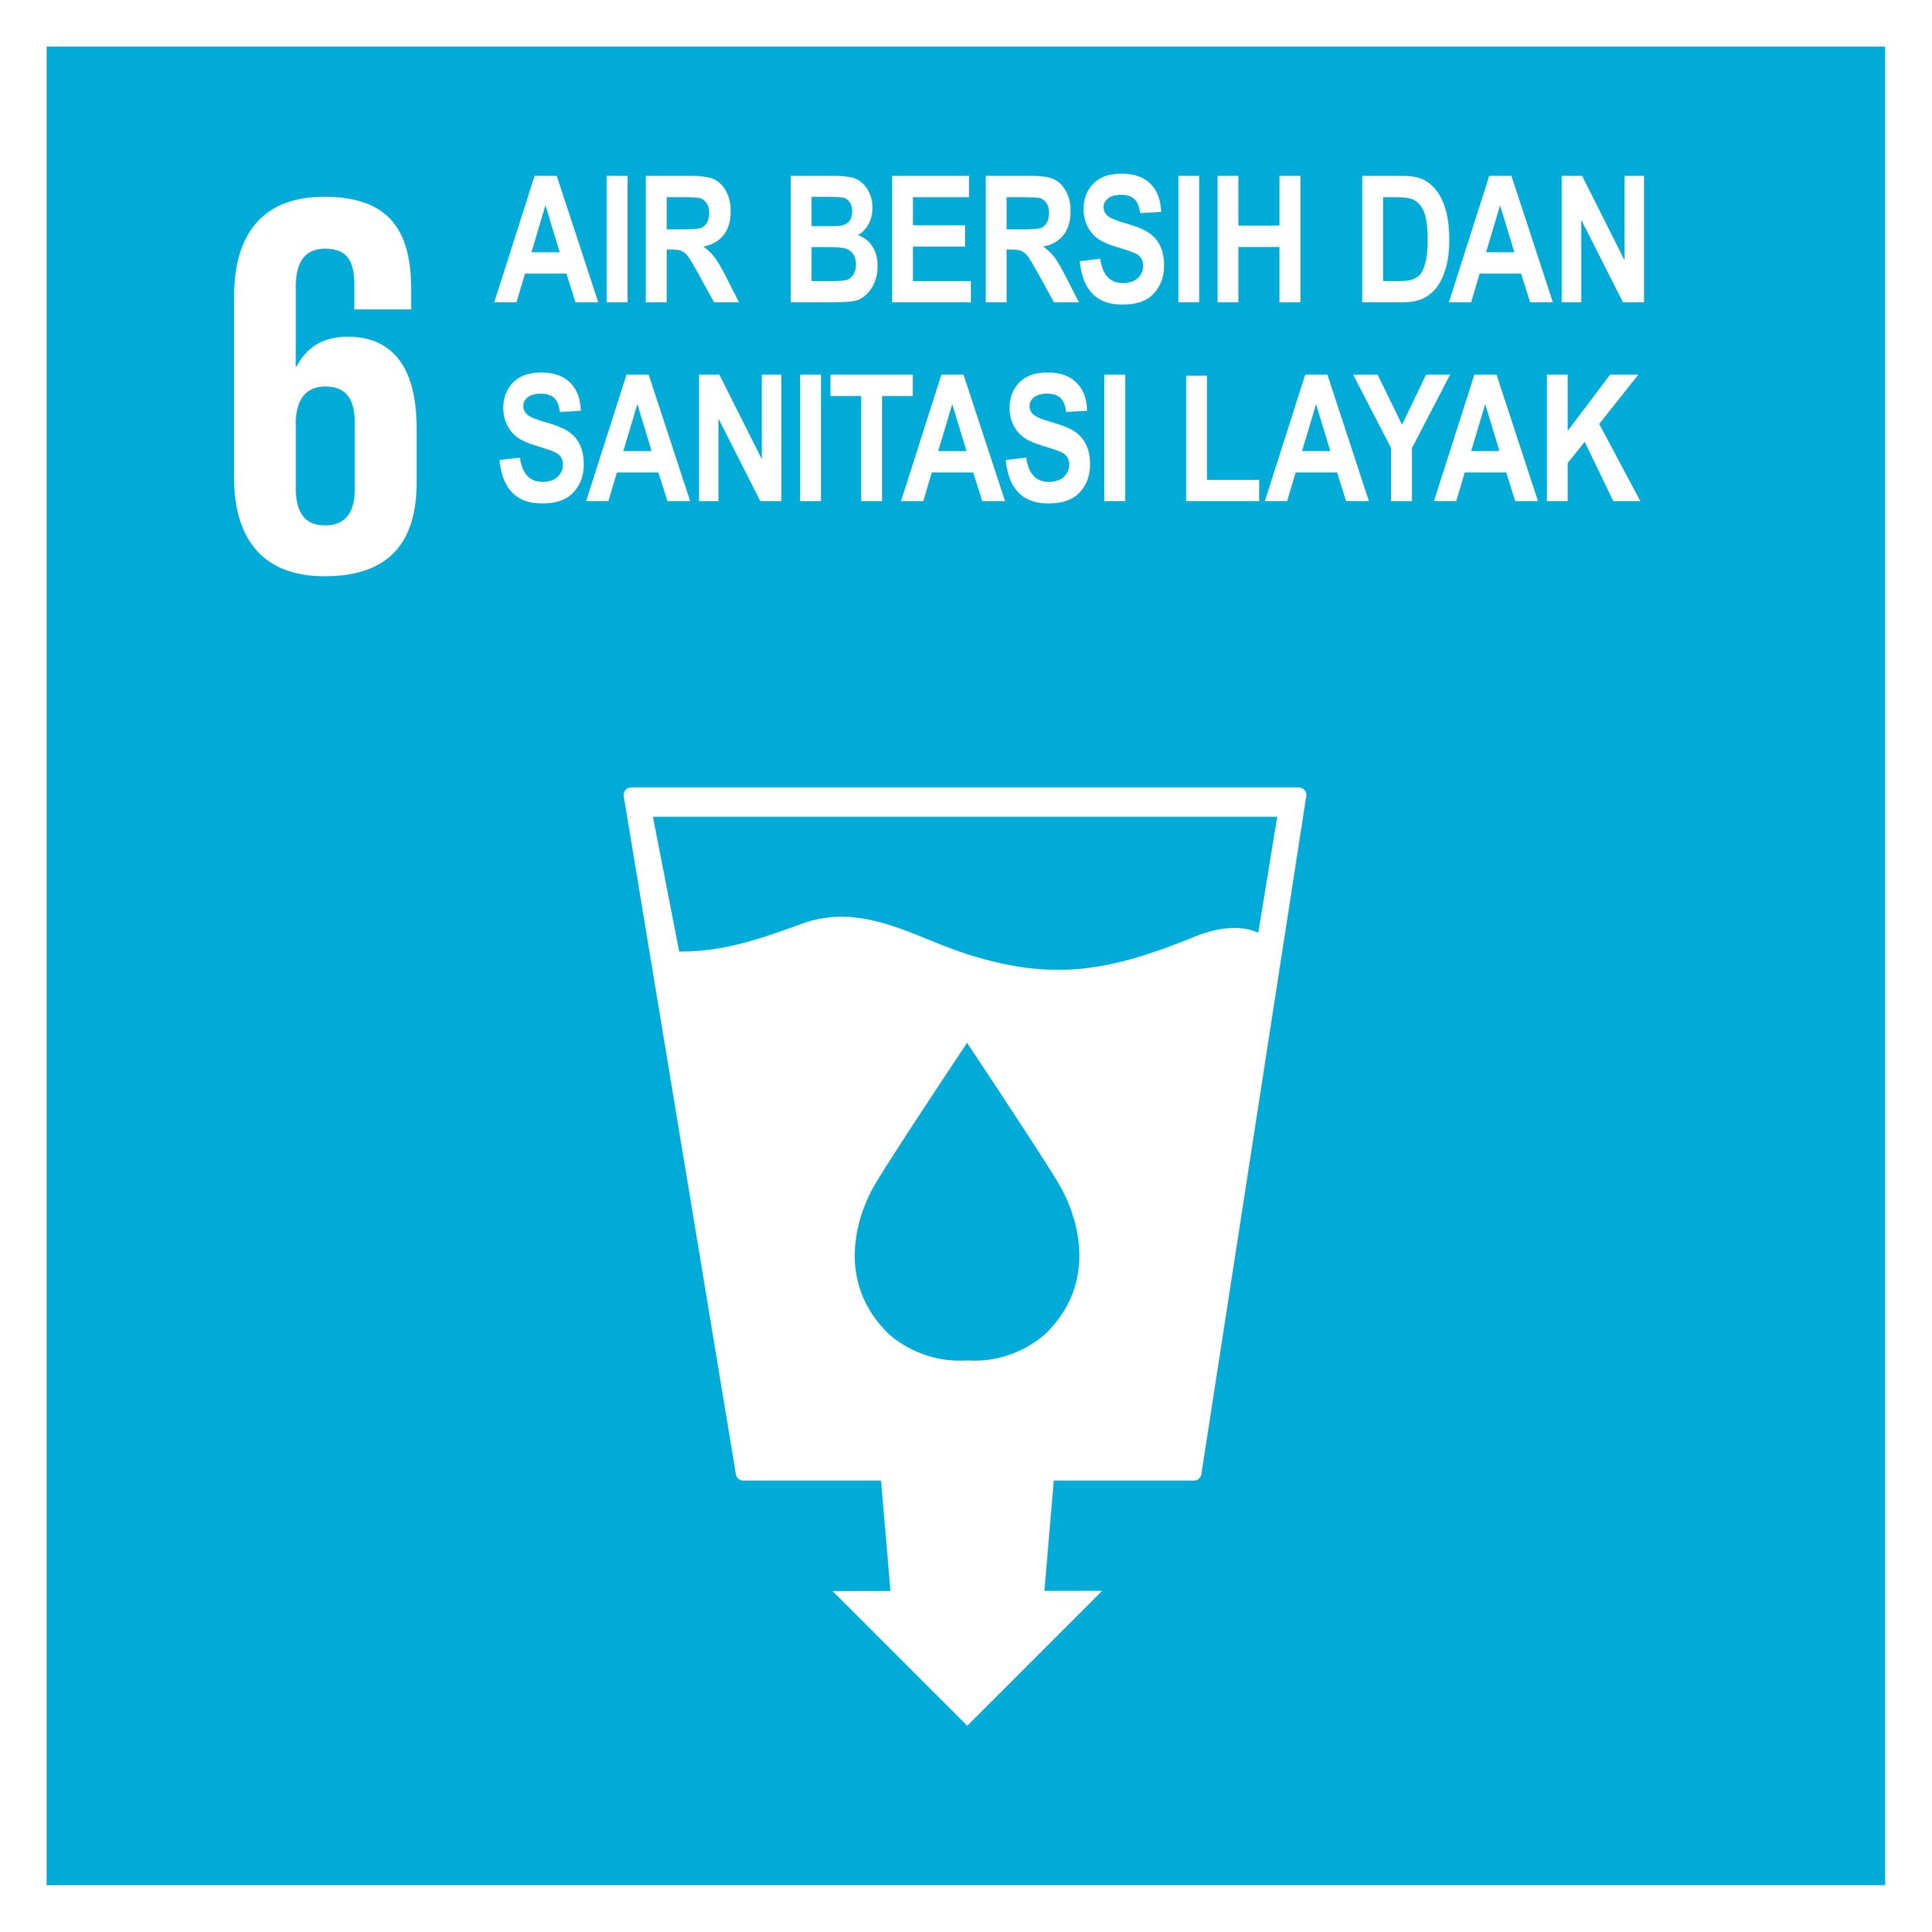 Air Bersih dan Sanitasi Layak